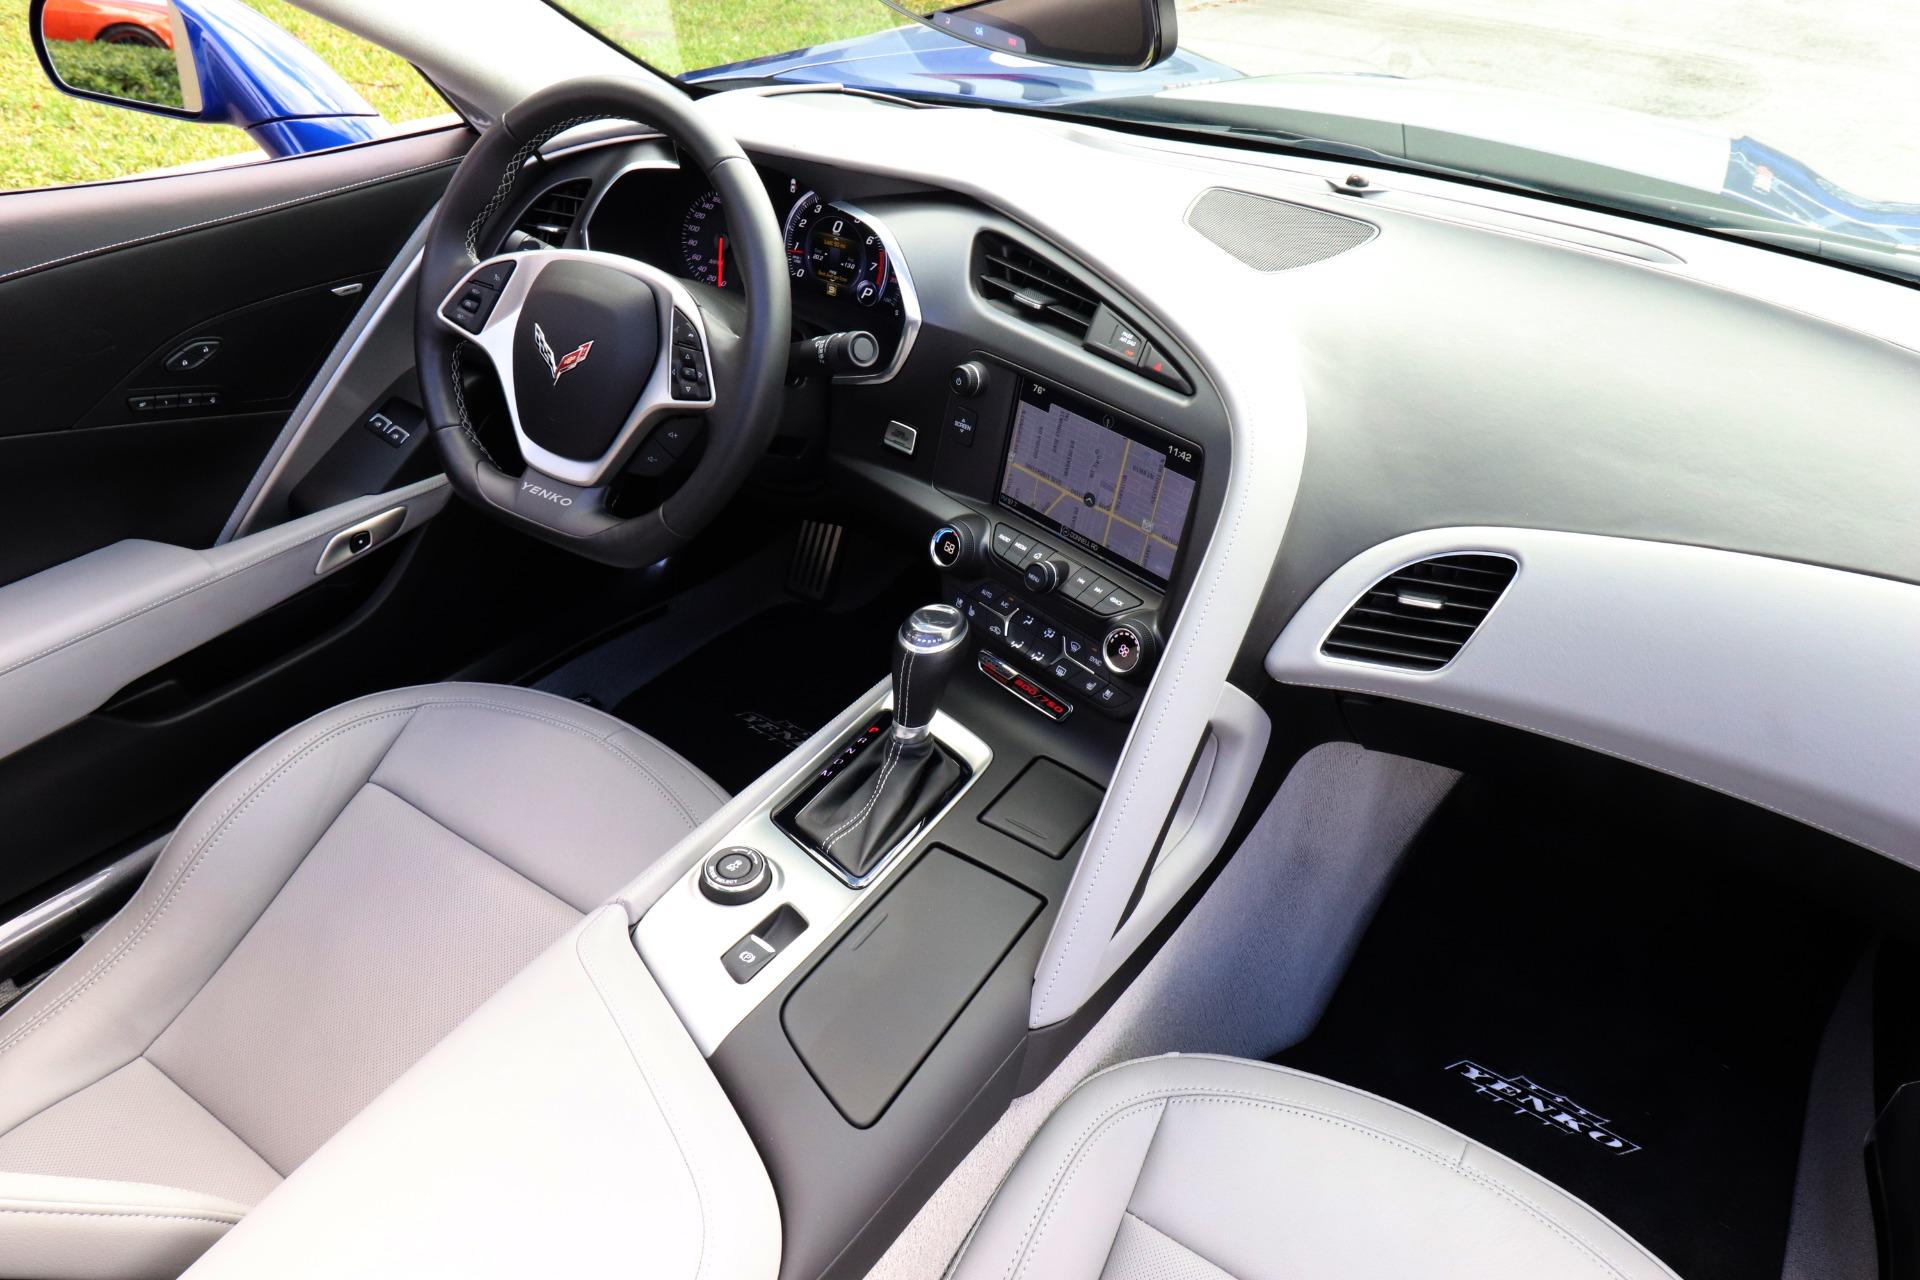 Used-2017-Chevrolet-Corvette-Grand-Sport-3LT-Yenko